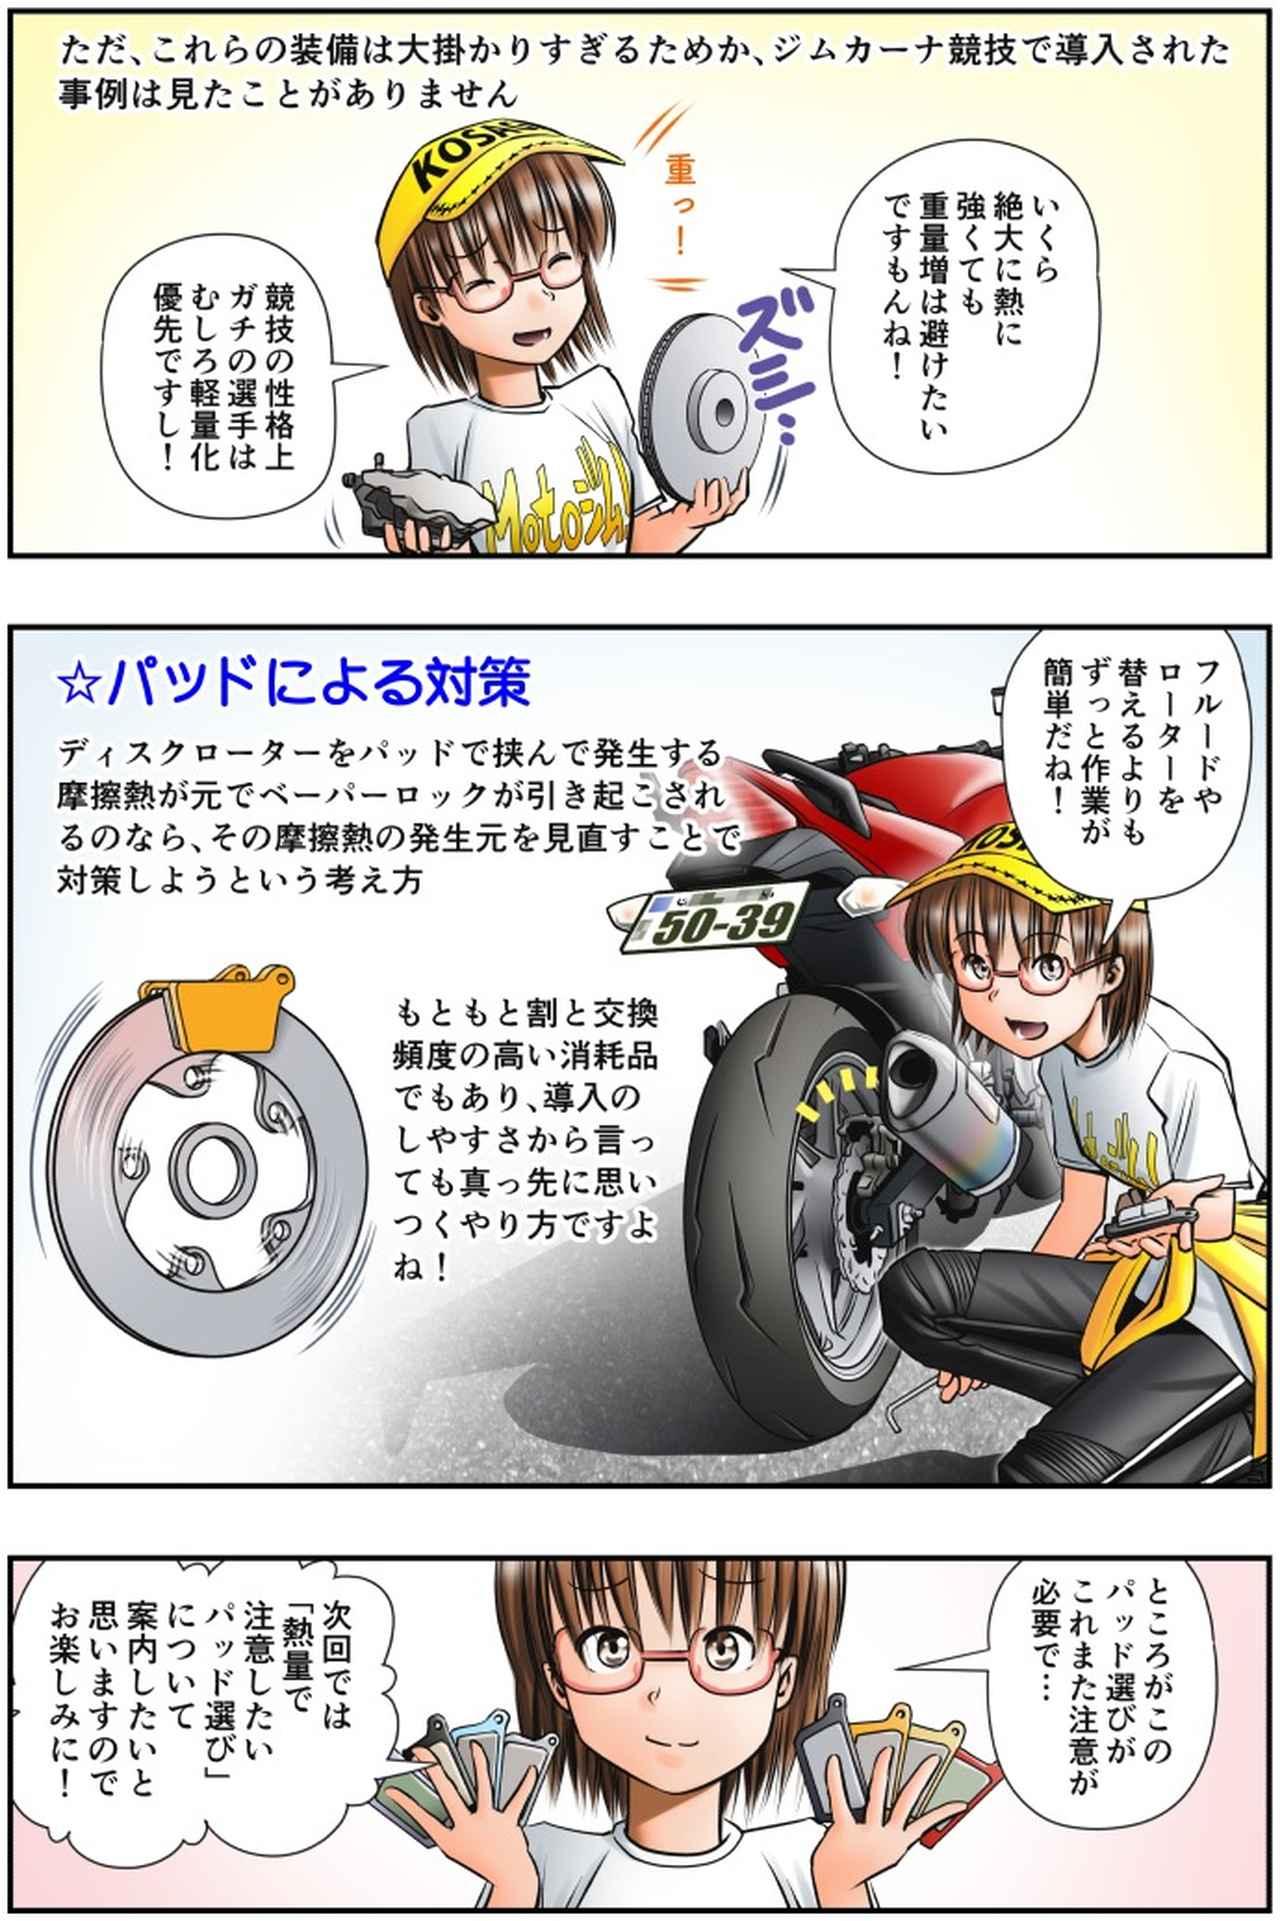 画像4: 【単行本第3巻が新発売!】 Motoジム! おまけのコーナー (加熱するリアブレーキ! その③)  作・ばどみゅーみん